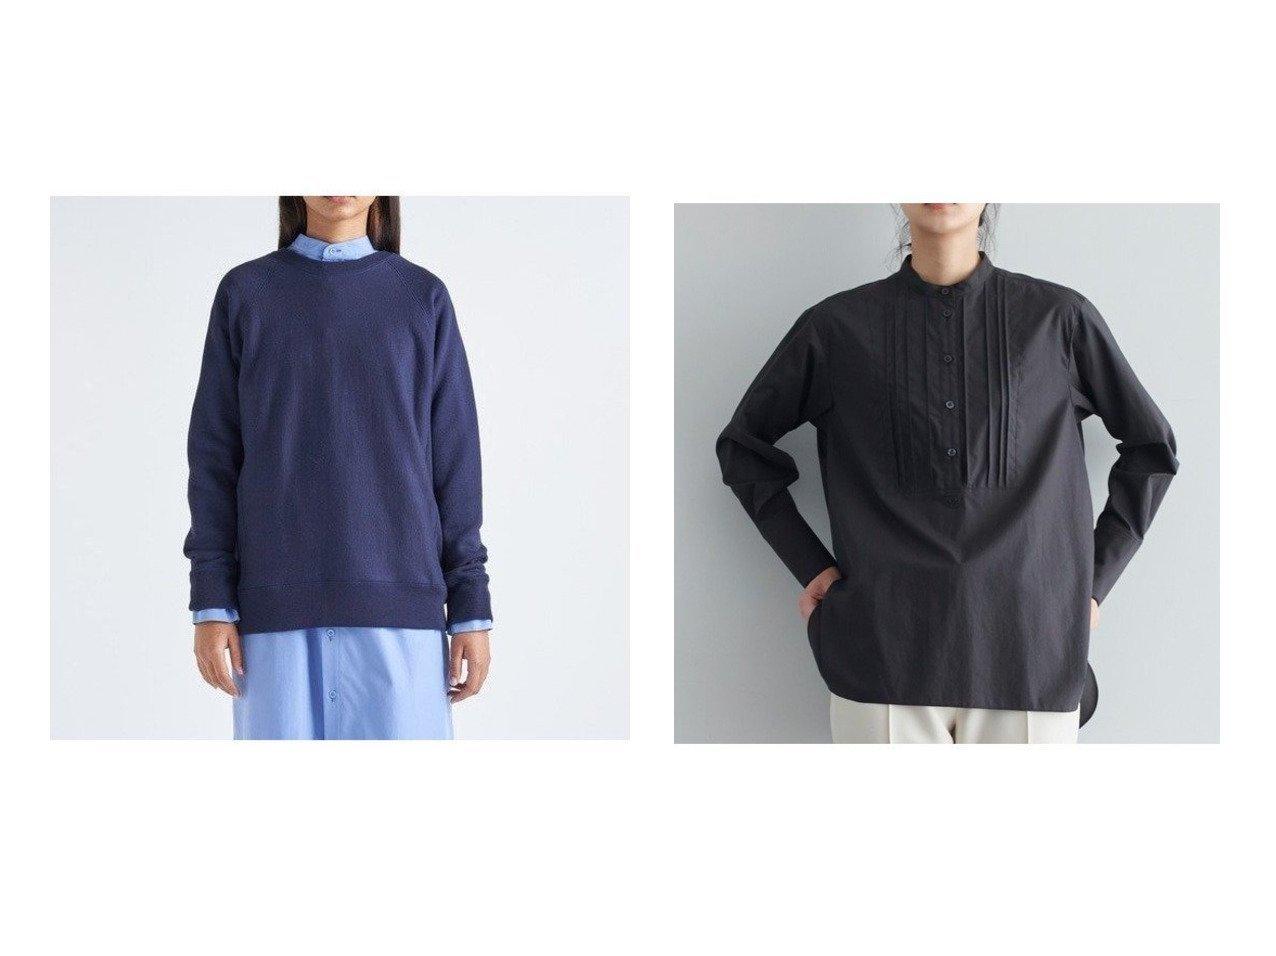 【JOSEPH/ジョゼフ】の【JOSEPH STUDIO・洗える】コットンシャツ ブラウス&【ATON/エイトン】のクルーネックプルオーバー(UNISEX) トップス・カットソーのおすすめ!人気、レディースファッションの通販  おすすめで人気のファッション通販商品 インテリア・家具・キッズファッション・メンズファッション・レディースファッション・服の通販 founy(ファニー) https://founy.com/ ファッション Fashion レディース WOMEN トップス Tops Tshirt プルオーバー Pullover シャツ/ブラウス Shirts Blouses 吸水 シルケット トライアングル UNISEX インナー コンパクト タイプライター フェミニン フレア ボトム ラウンド |ID:crp329100000005136